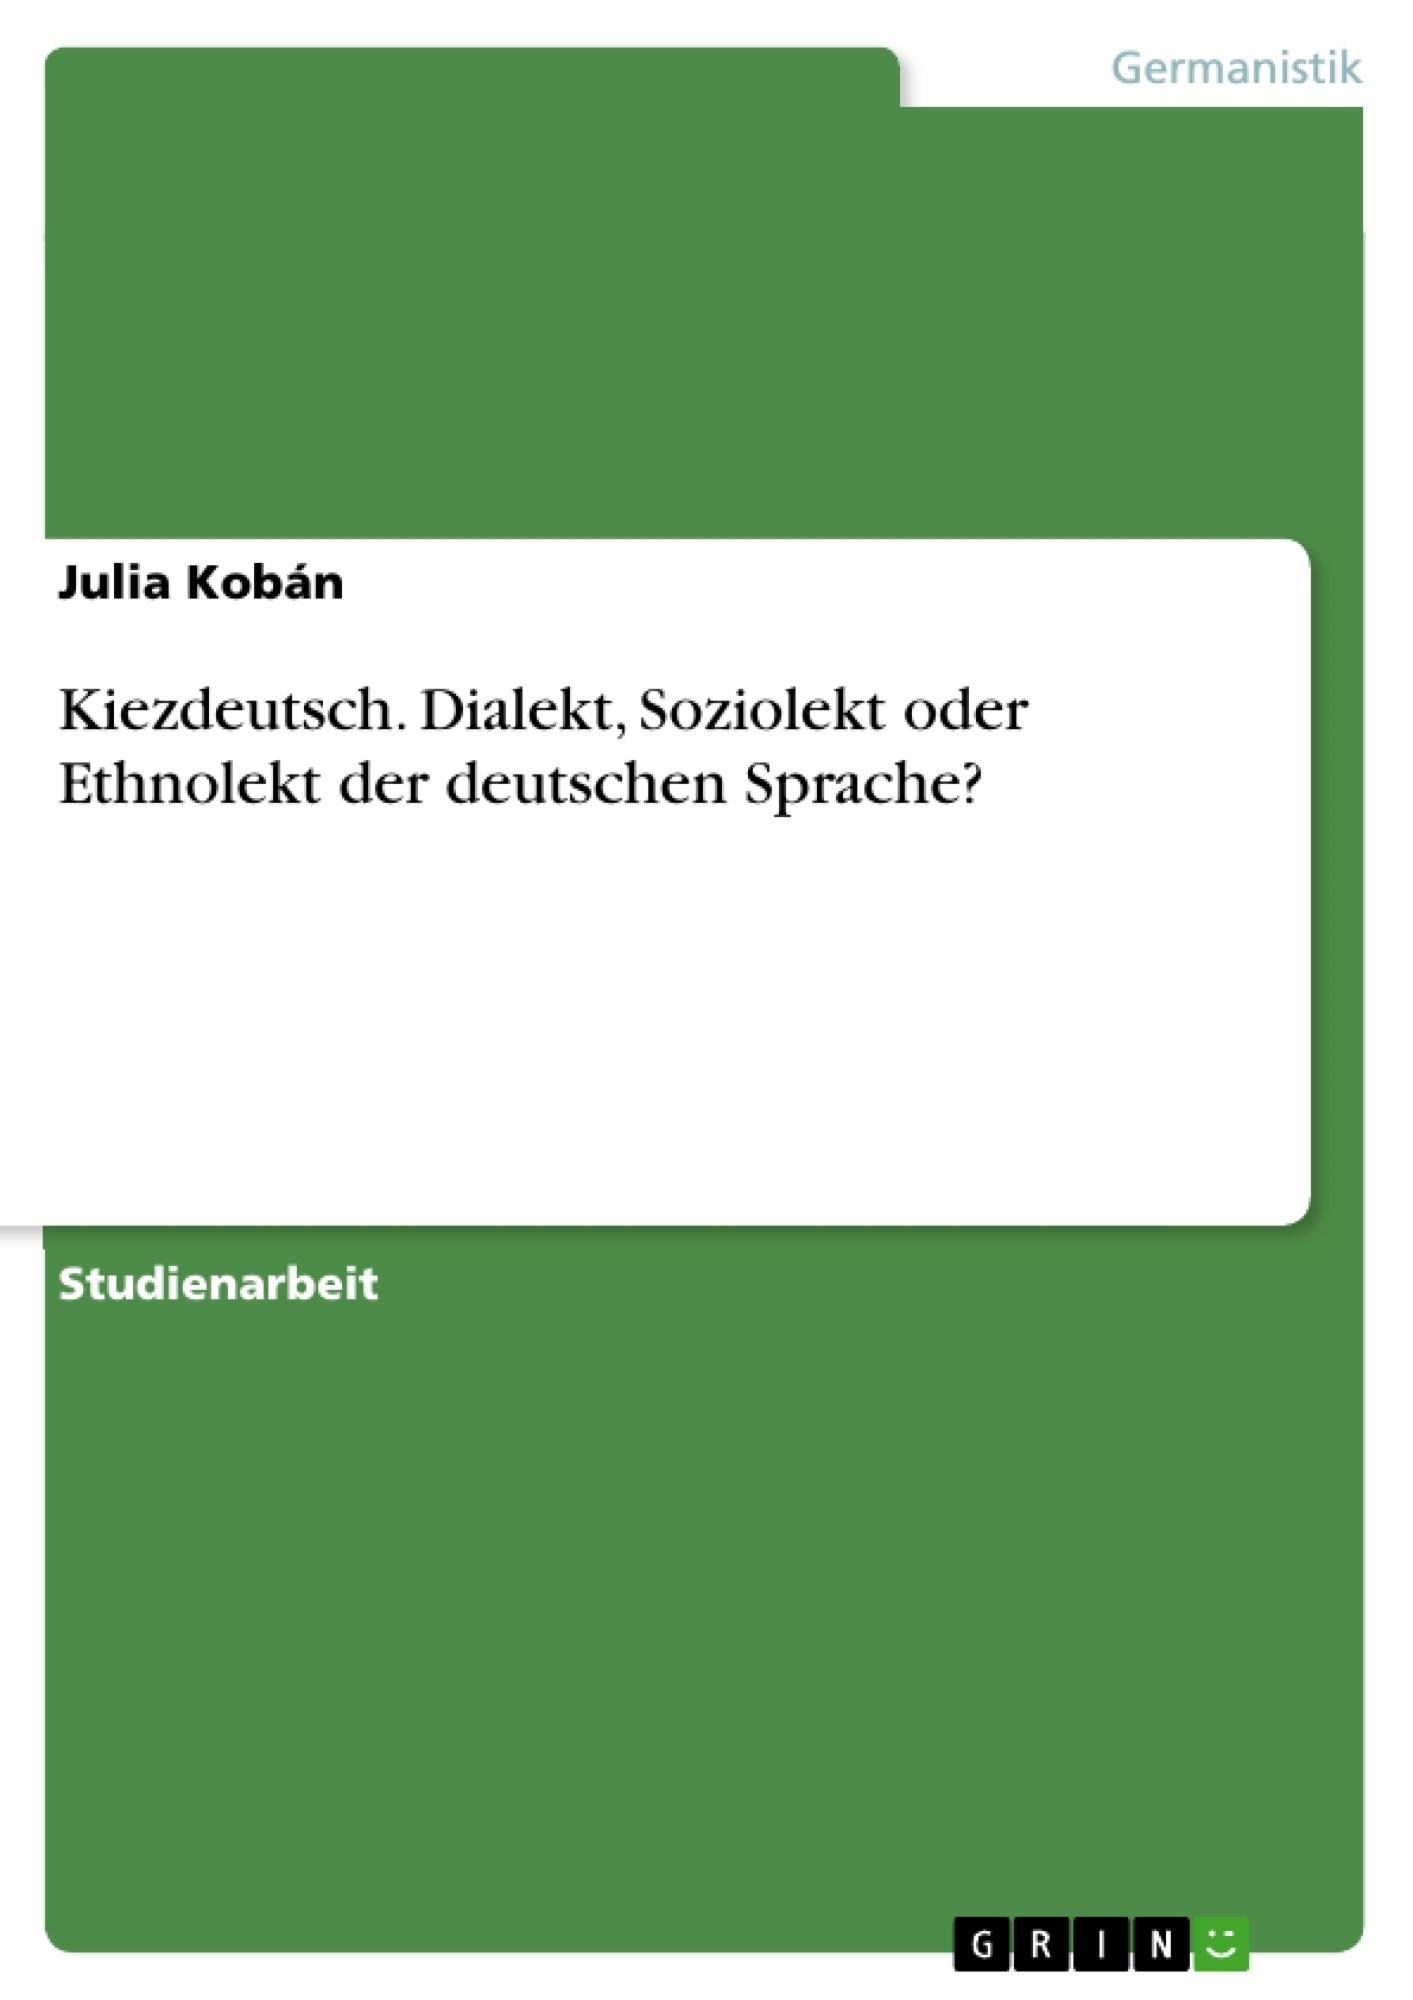 Titel: Kiezdeutsch. Dialekt, Soziolekt oder Ethnolekt der deutschen Sprache?